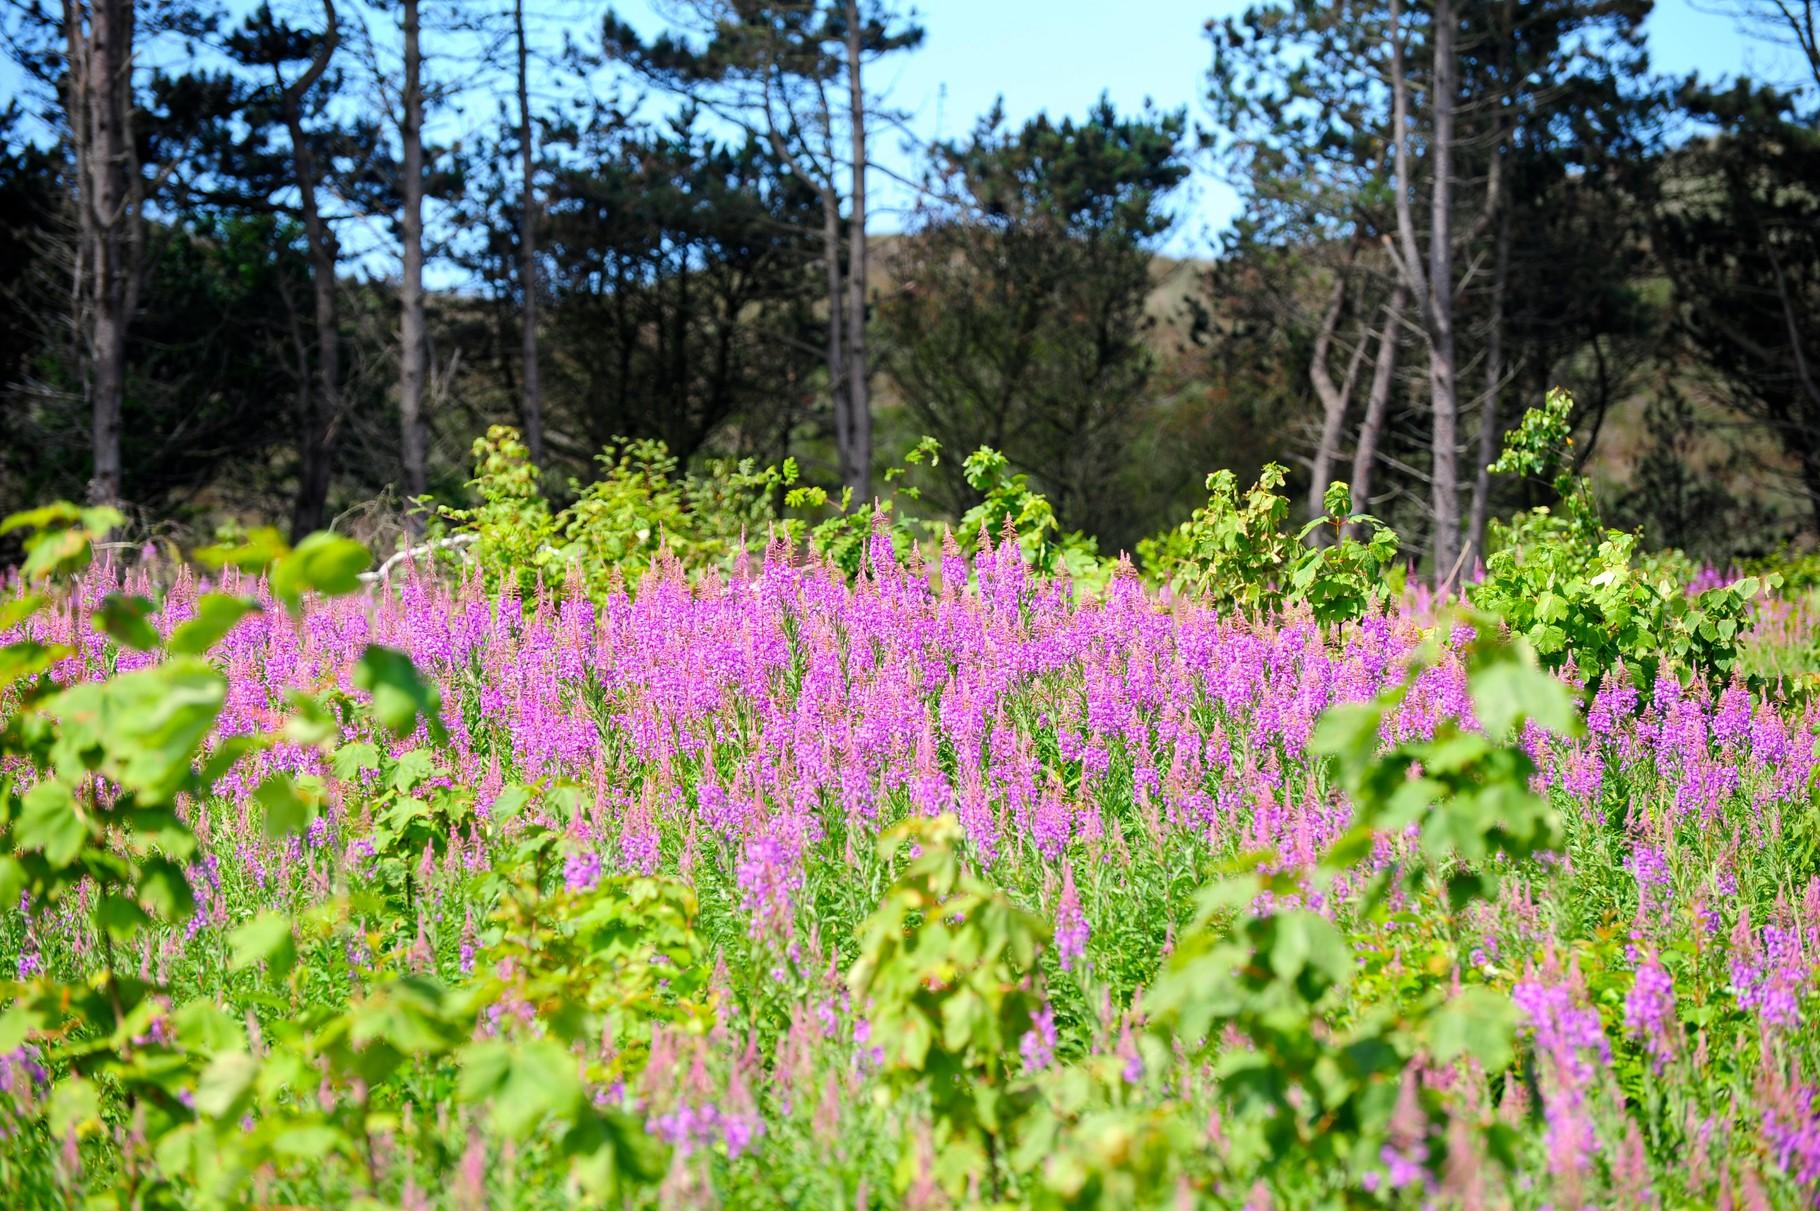 Blütenpracht am Waldesrand